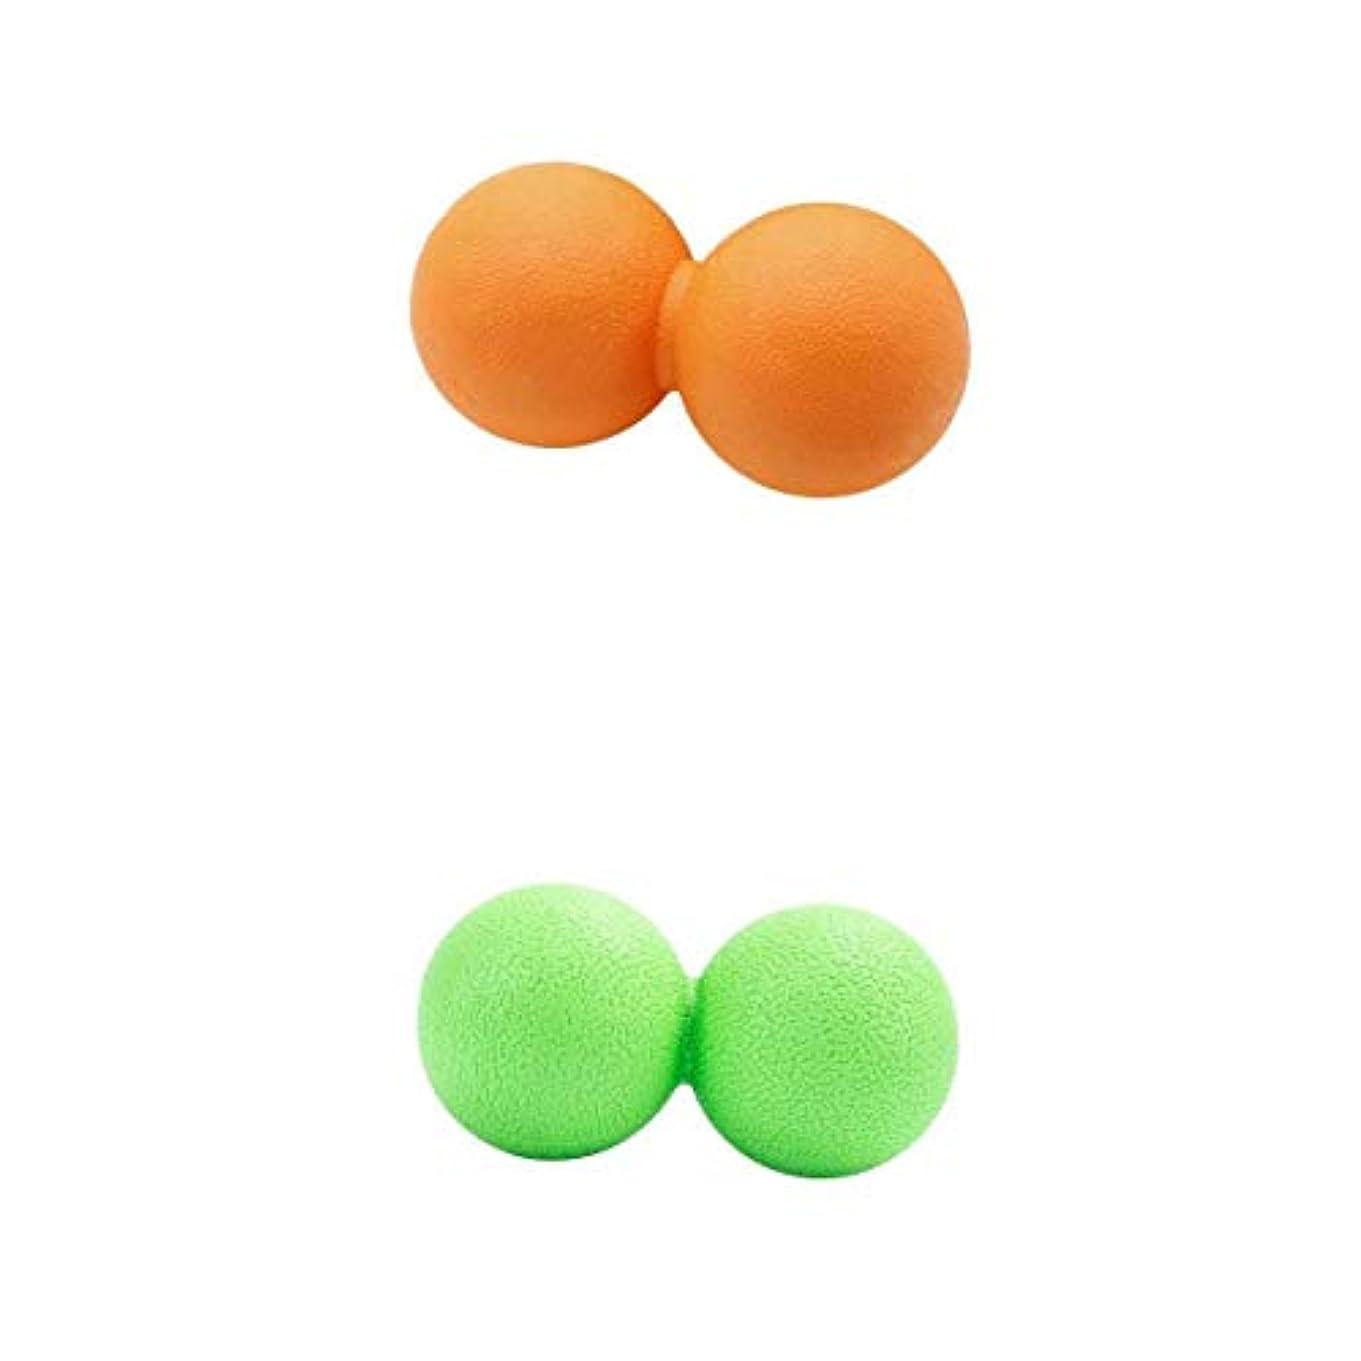 徹底的に注入する擁するFenteer マッサージボール ピーナッツ型 筋膜リリース トリガーポイント ツボ押しグッズ 2個入